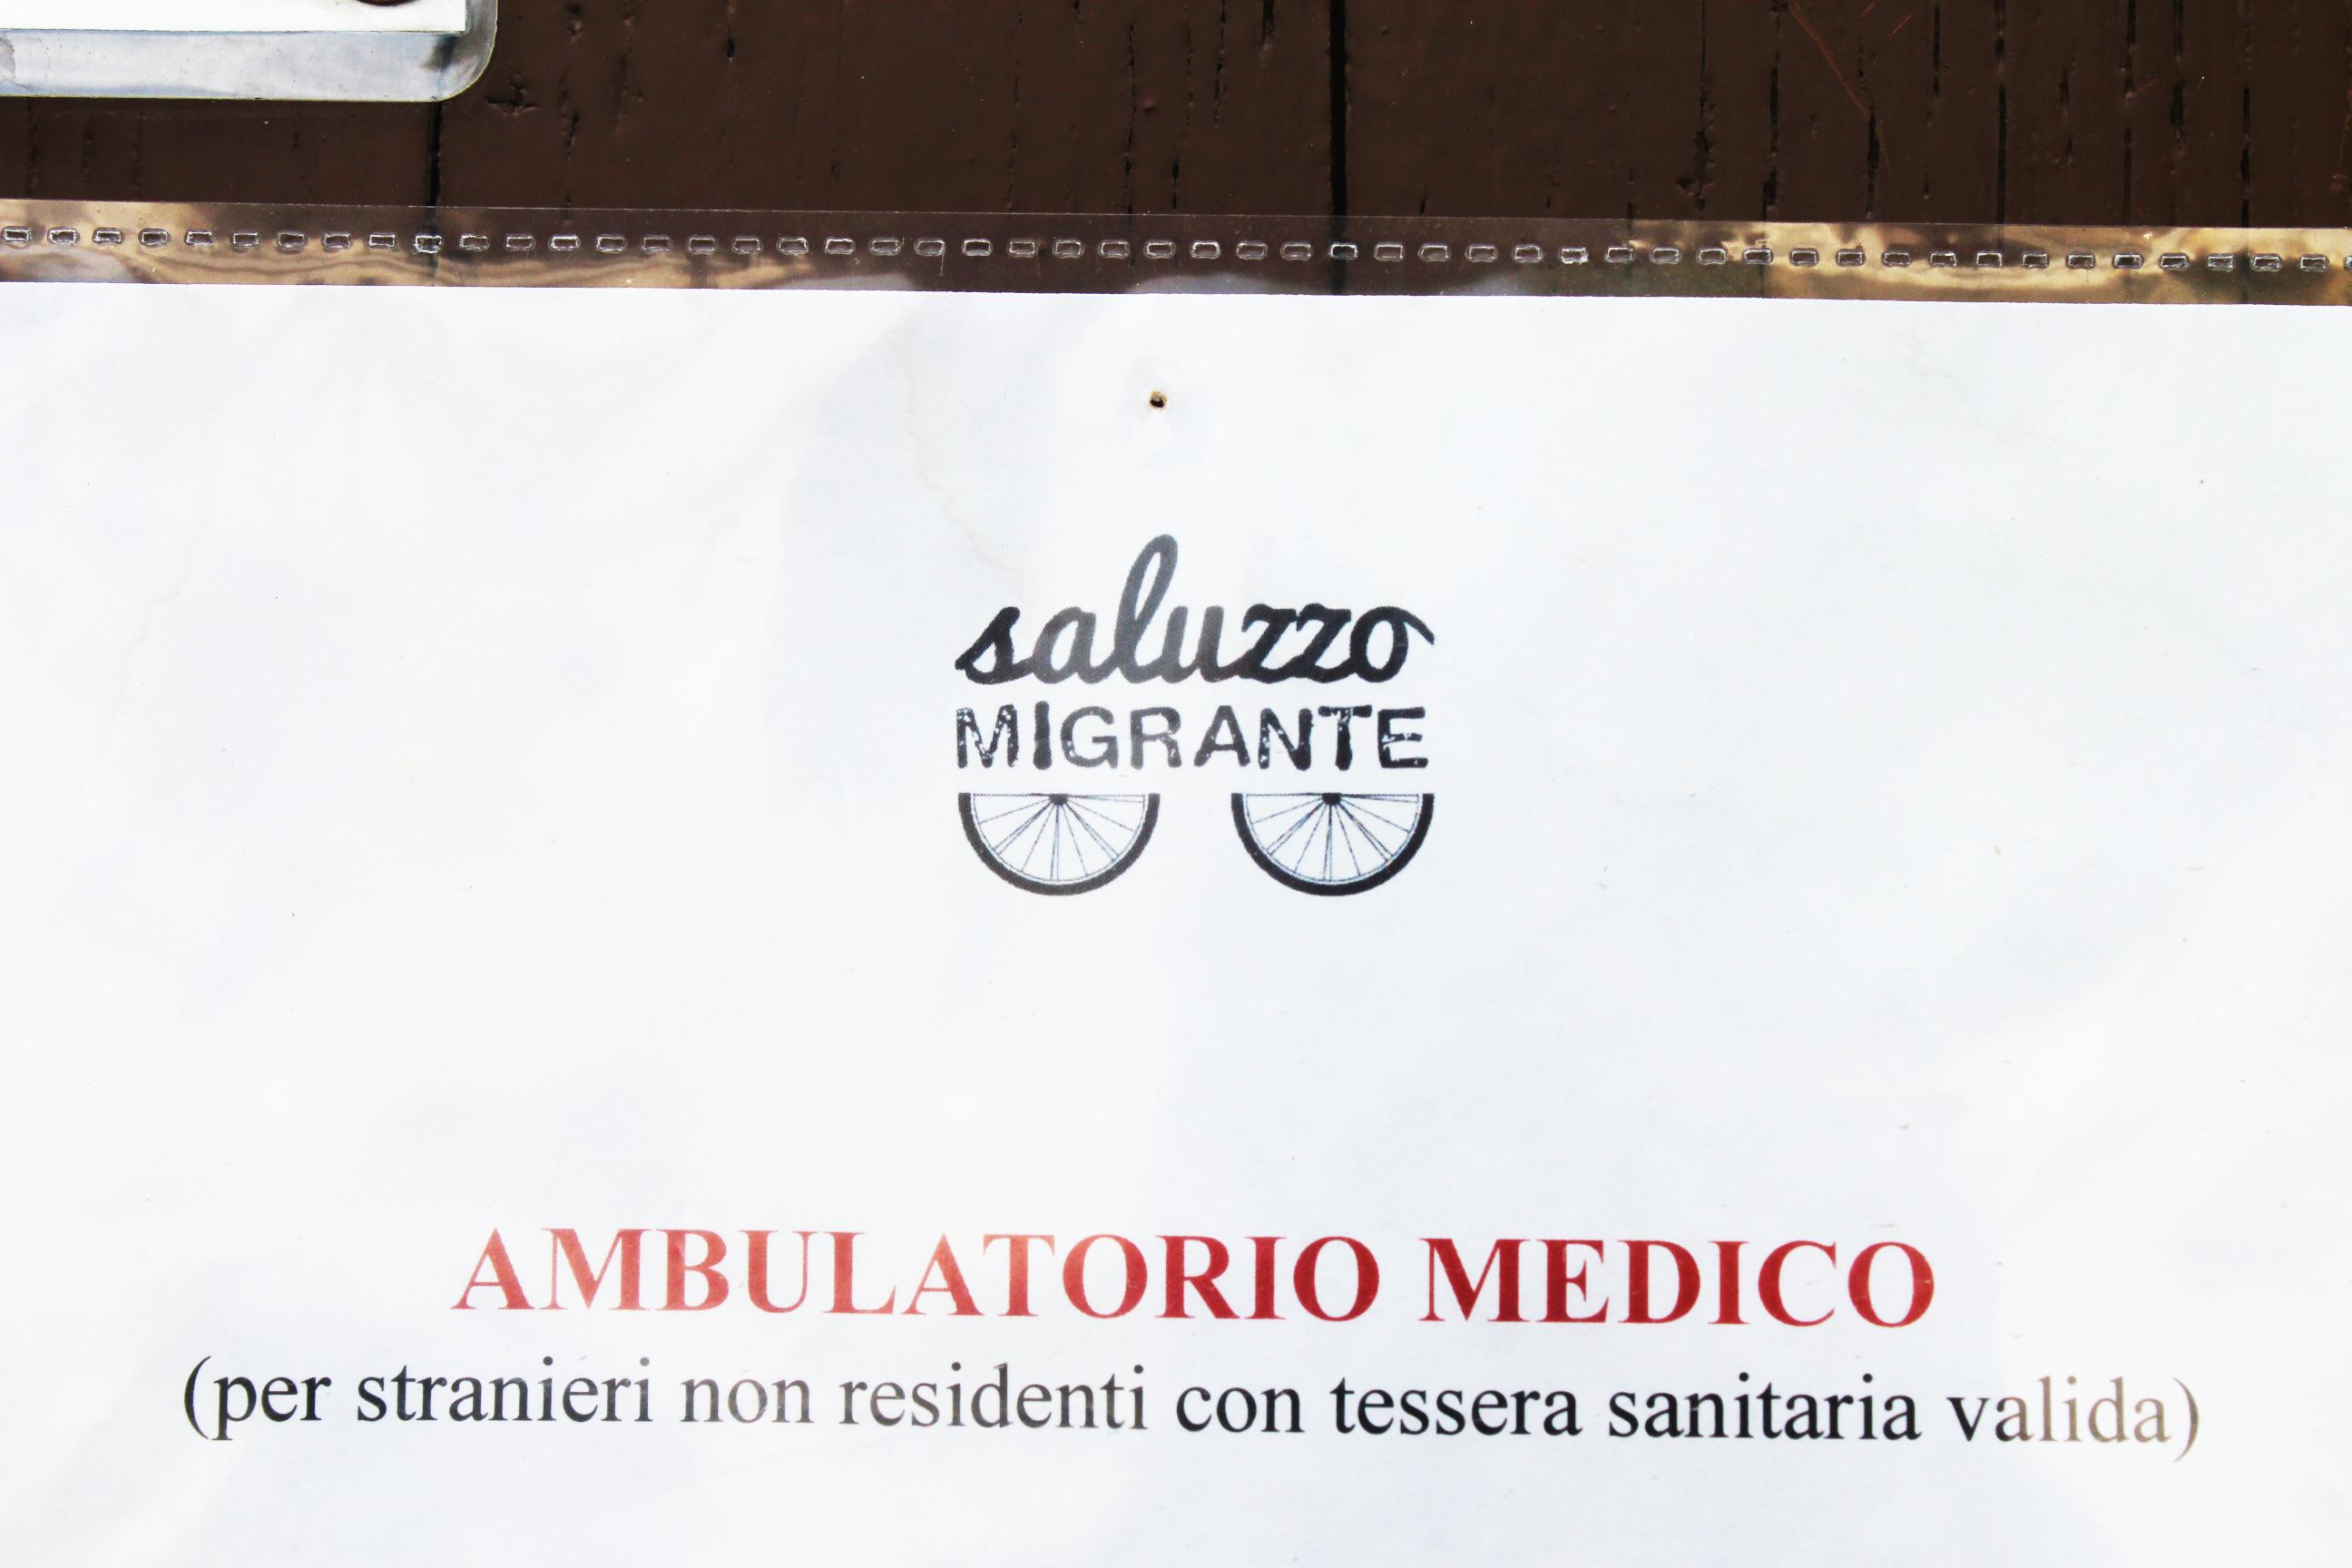 Sportello santiario ambulatorio medico saluzzo migrante progetto presidio migranti